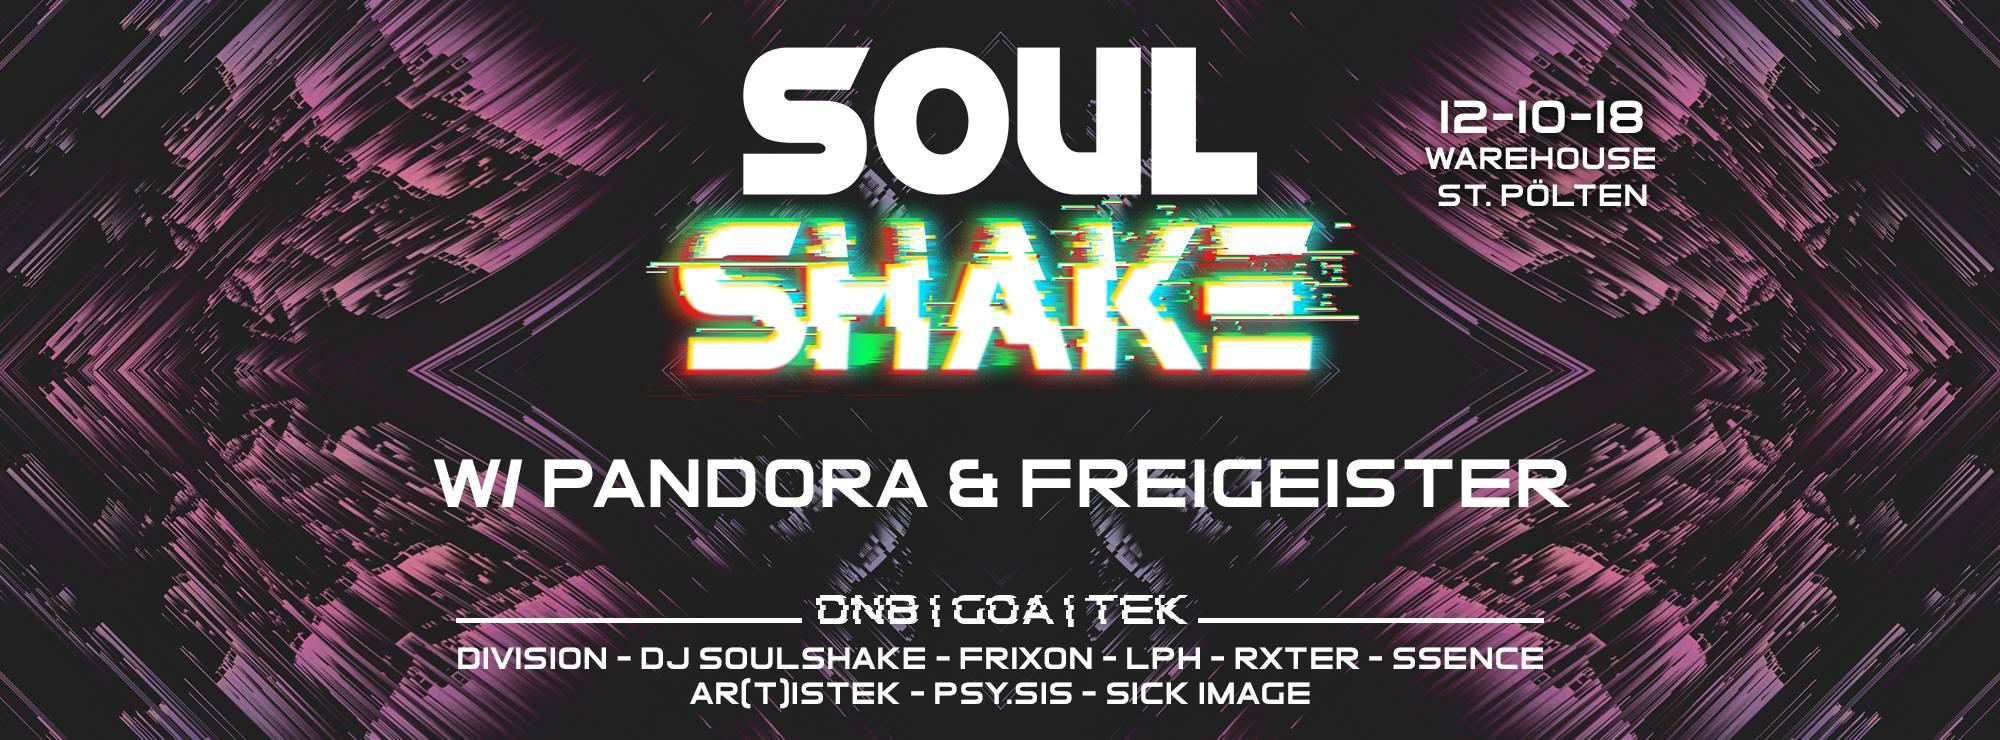 Soulshake w/ Pandora & Freigeister